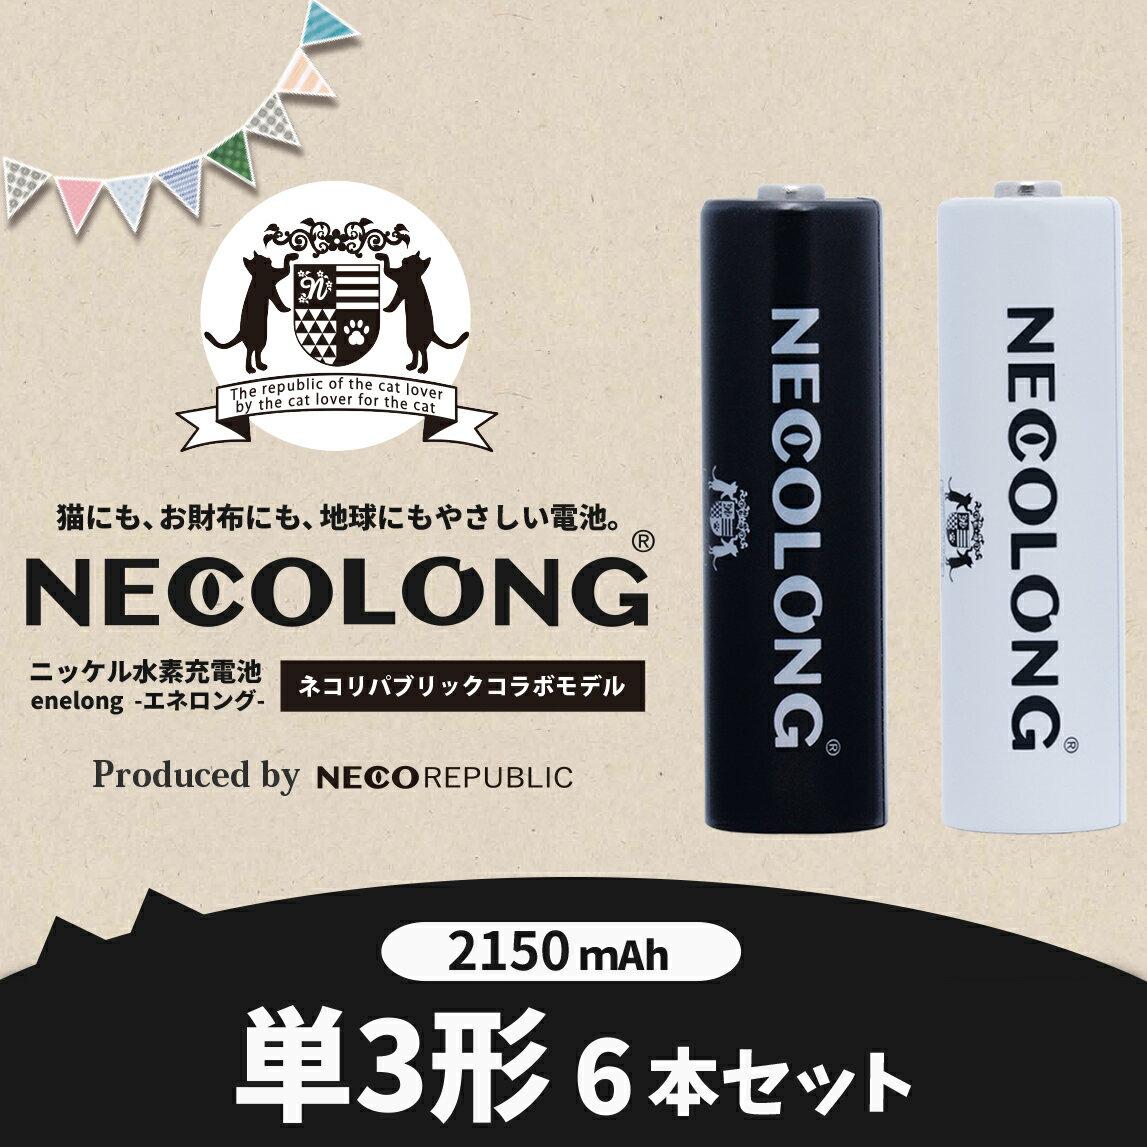 ニッケル水素充電池 NECOLONG ネコロングNECOREPUBLIC ネコリパブリック公式モデルeneloop エネループ enelong エネロング を超える大容量2150mAh!単3形電池×6本セットネコポス送料無料